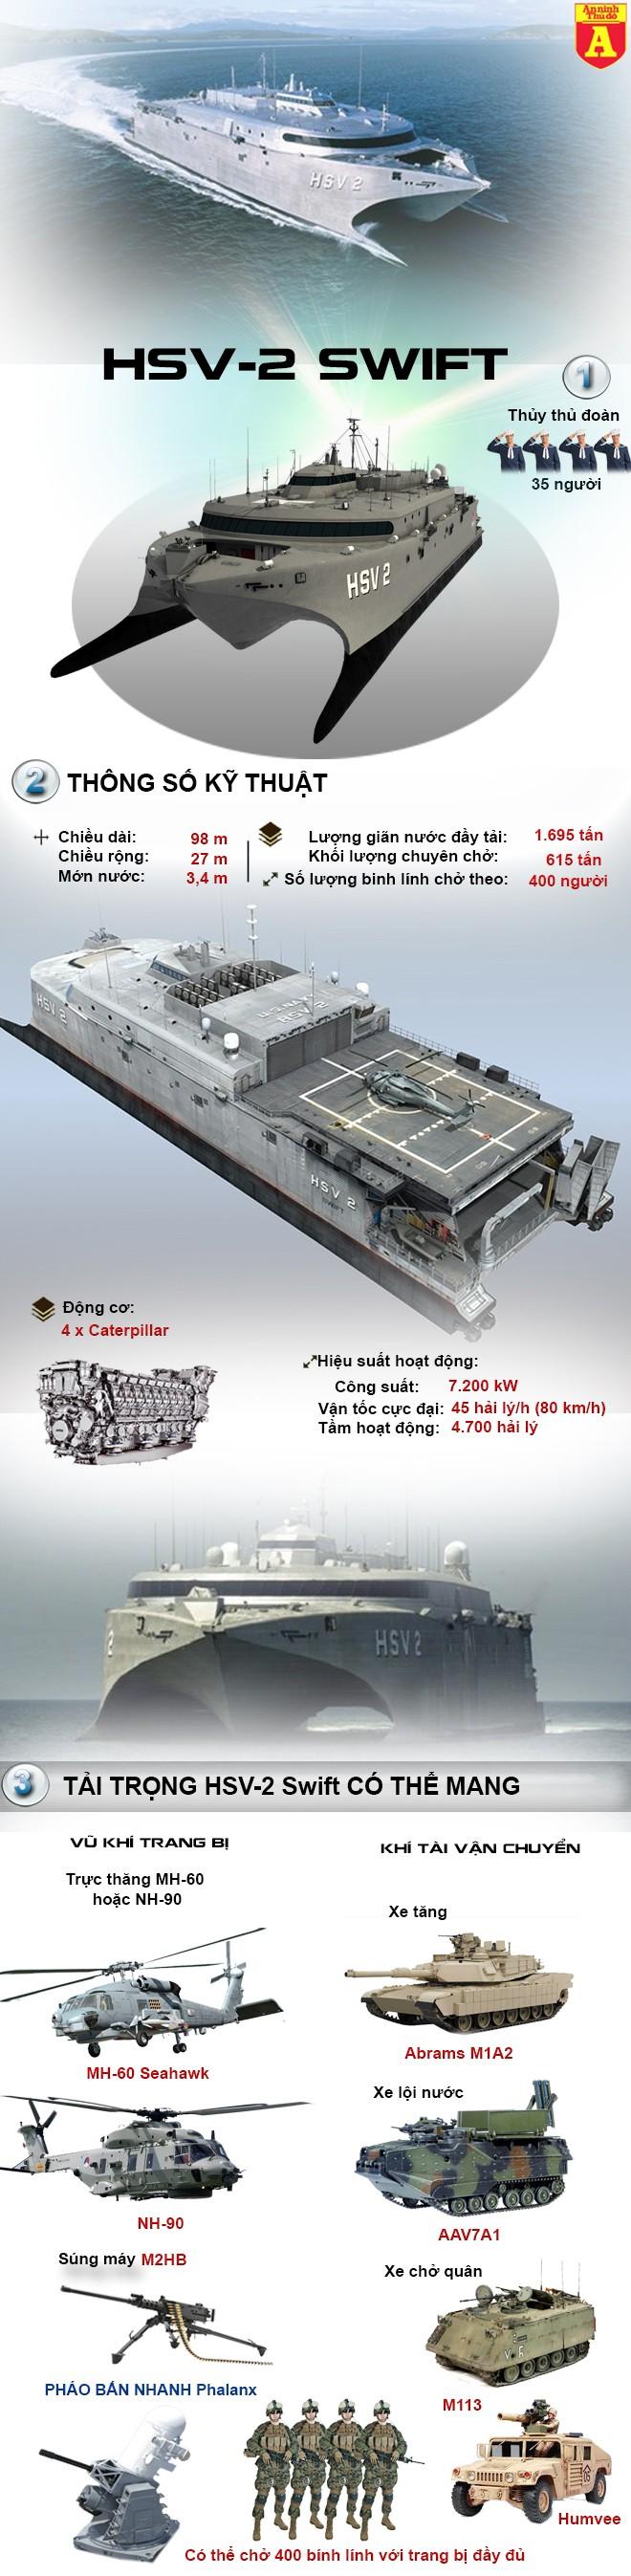 [ĐỒ HỌA] Chiến hạm Mỹ sản xuất bị phiến quân dùng tên lửa Trung Quốc bắn cháy ảnh 2